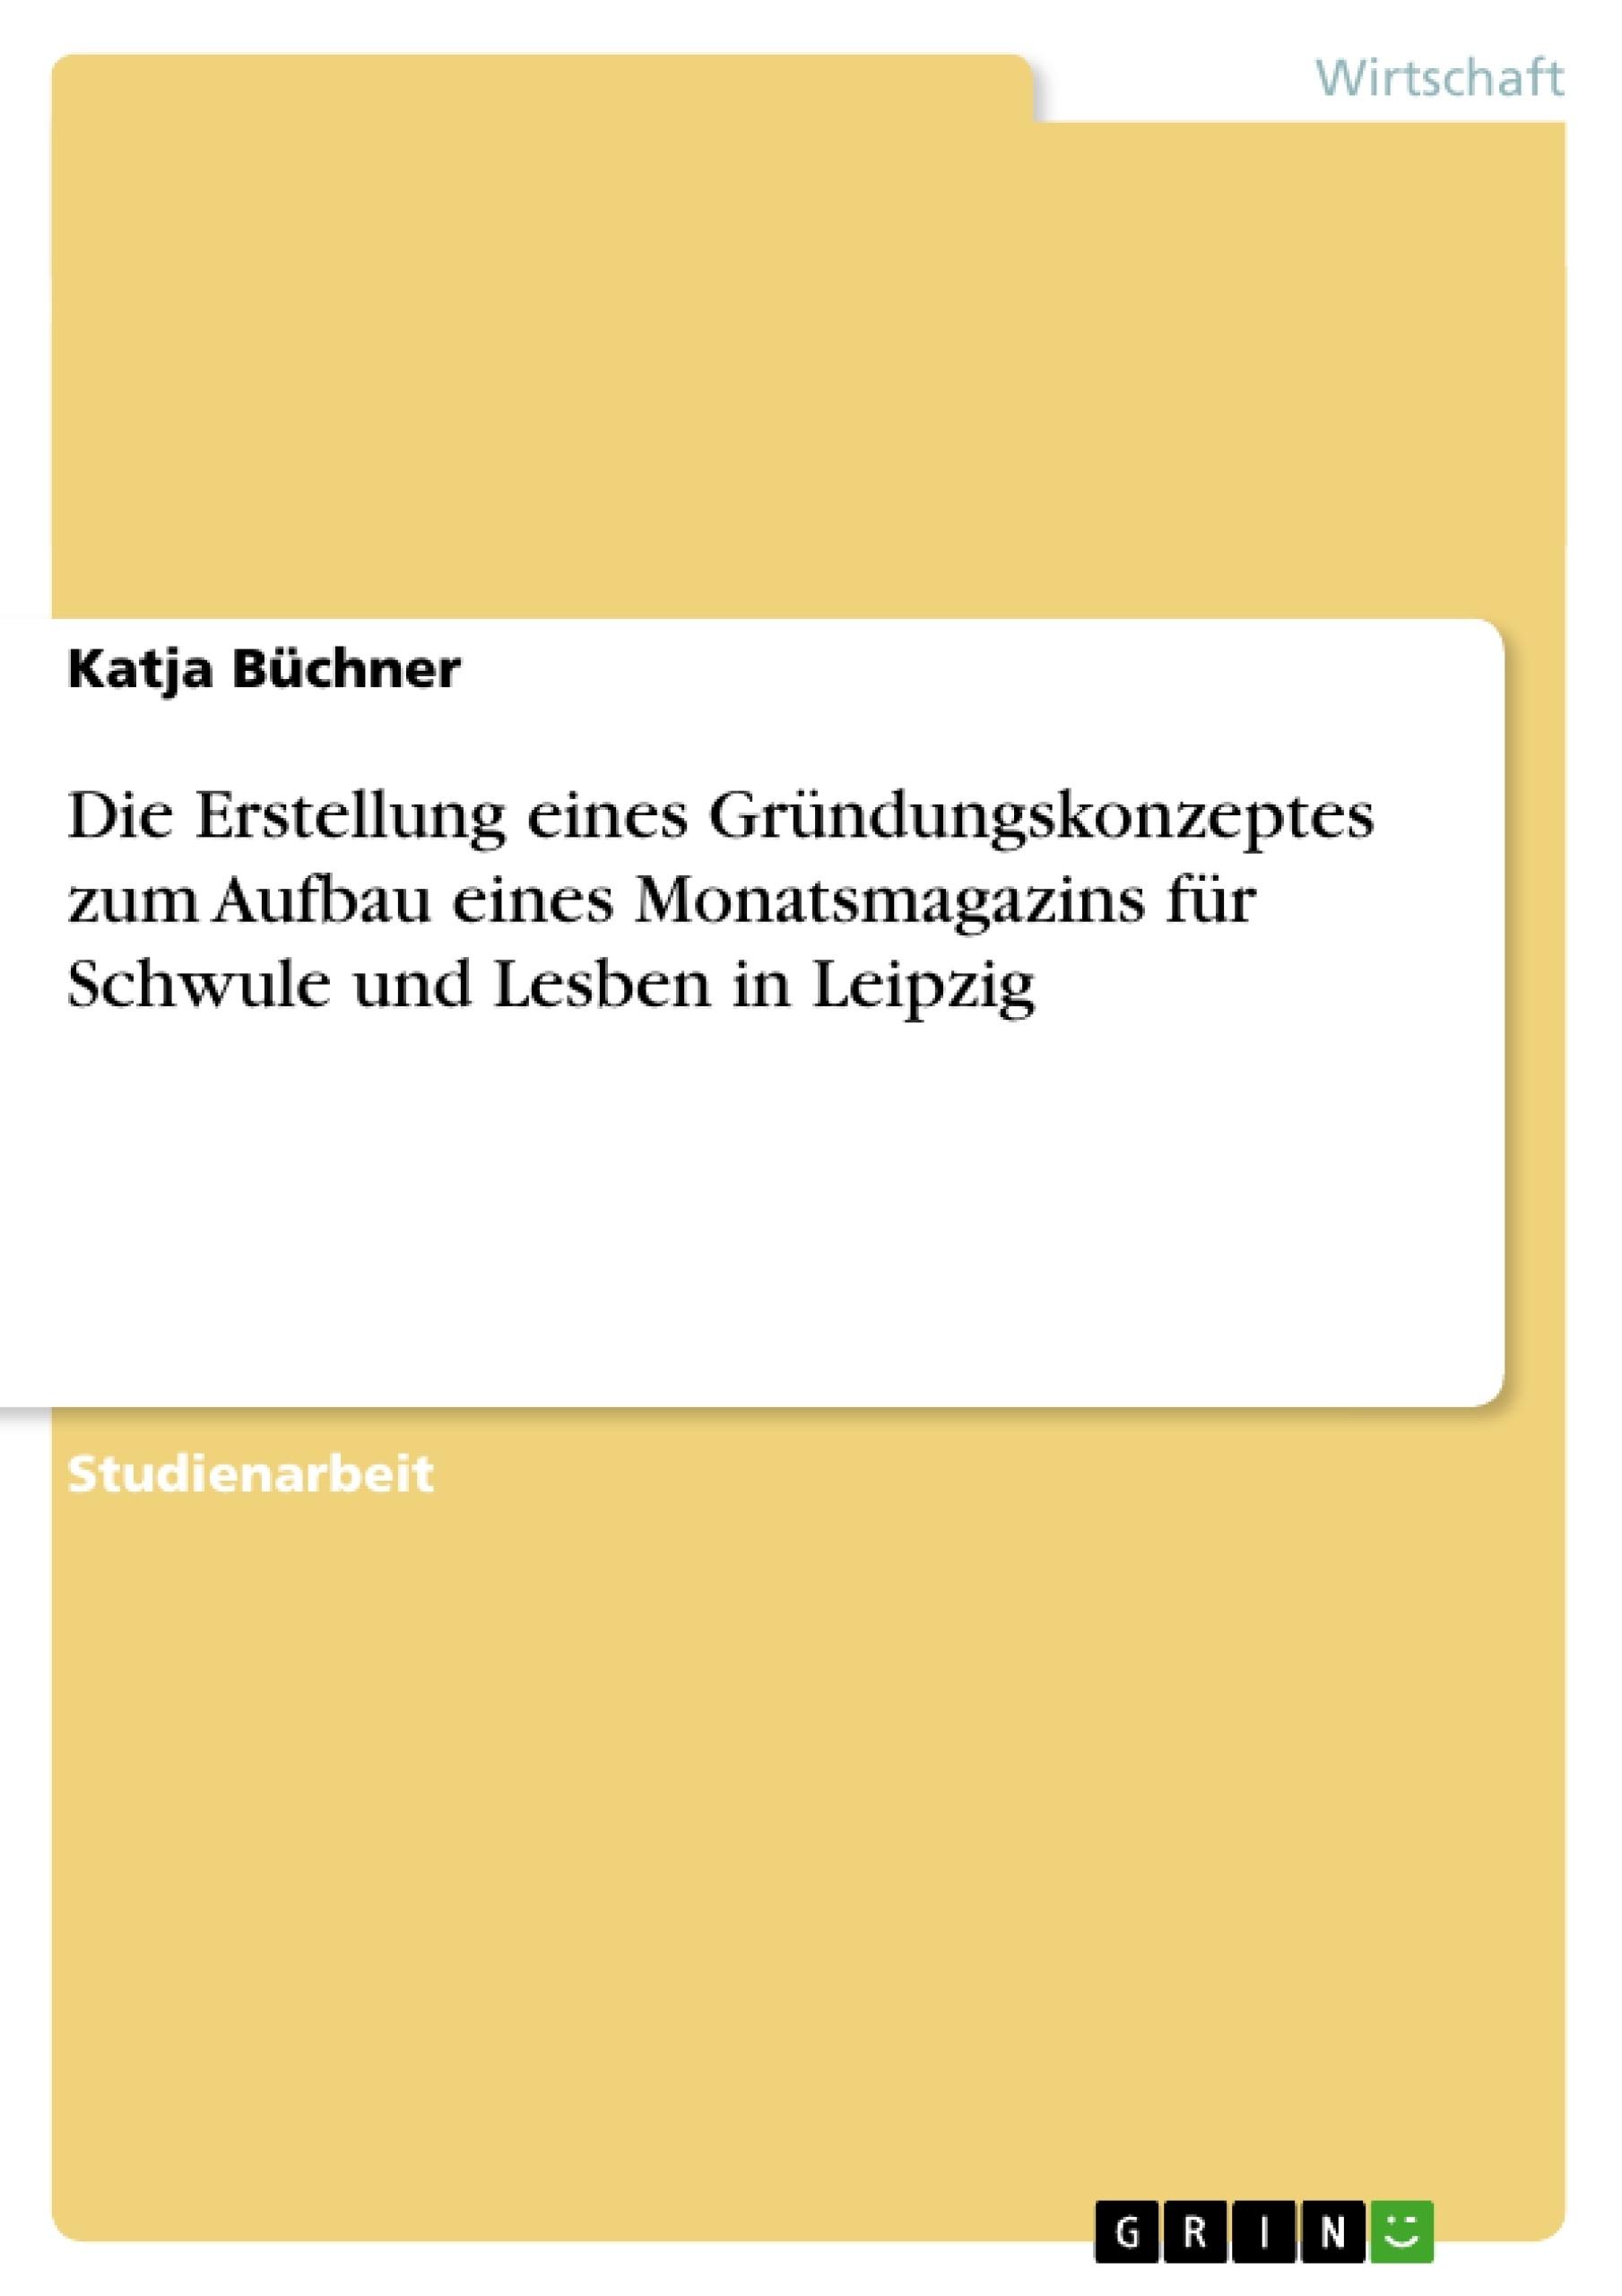 Titel: Die Erstellung eines Gründungskonzeptes zum Aufbau eines Monatsmagazins für Schwule und Lesben in Leipzig